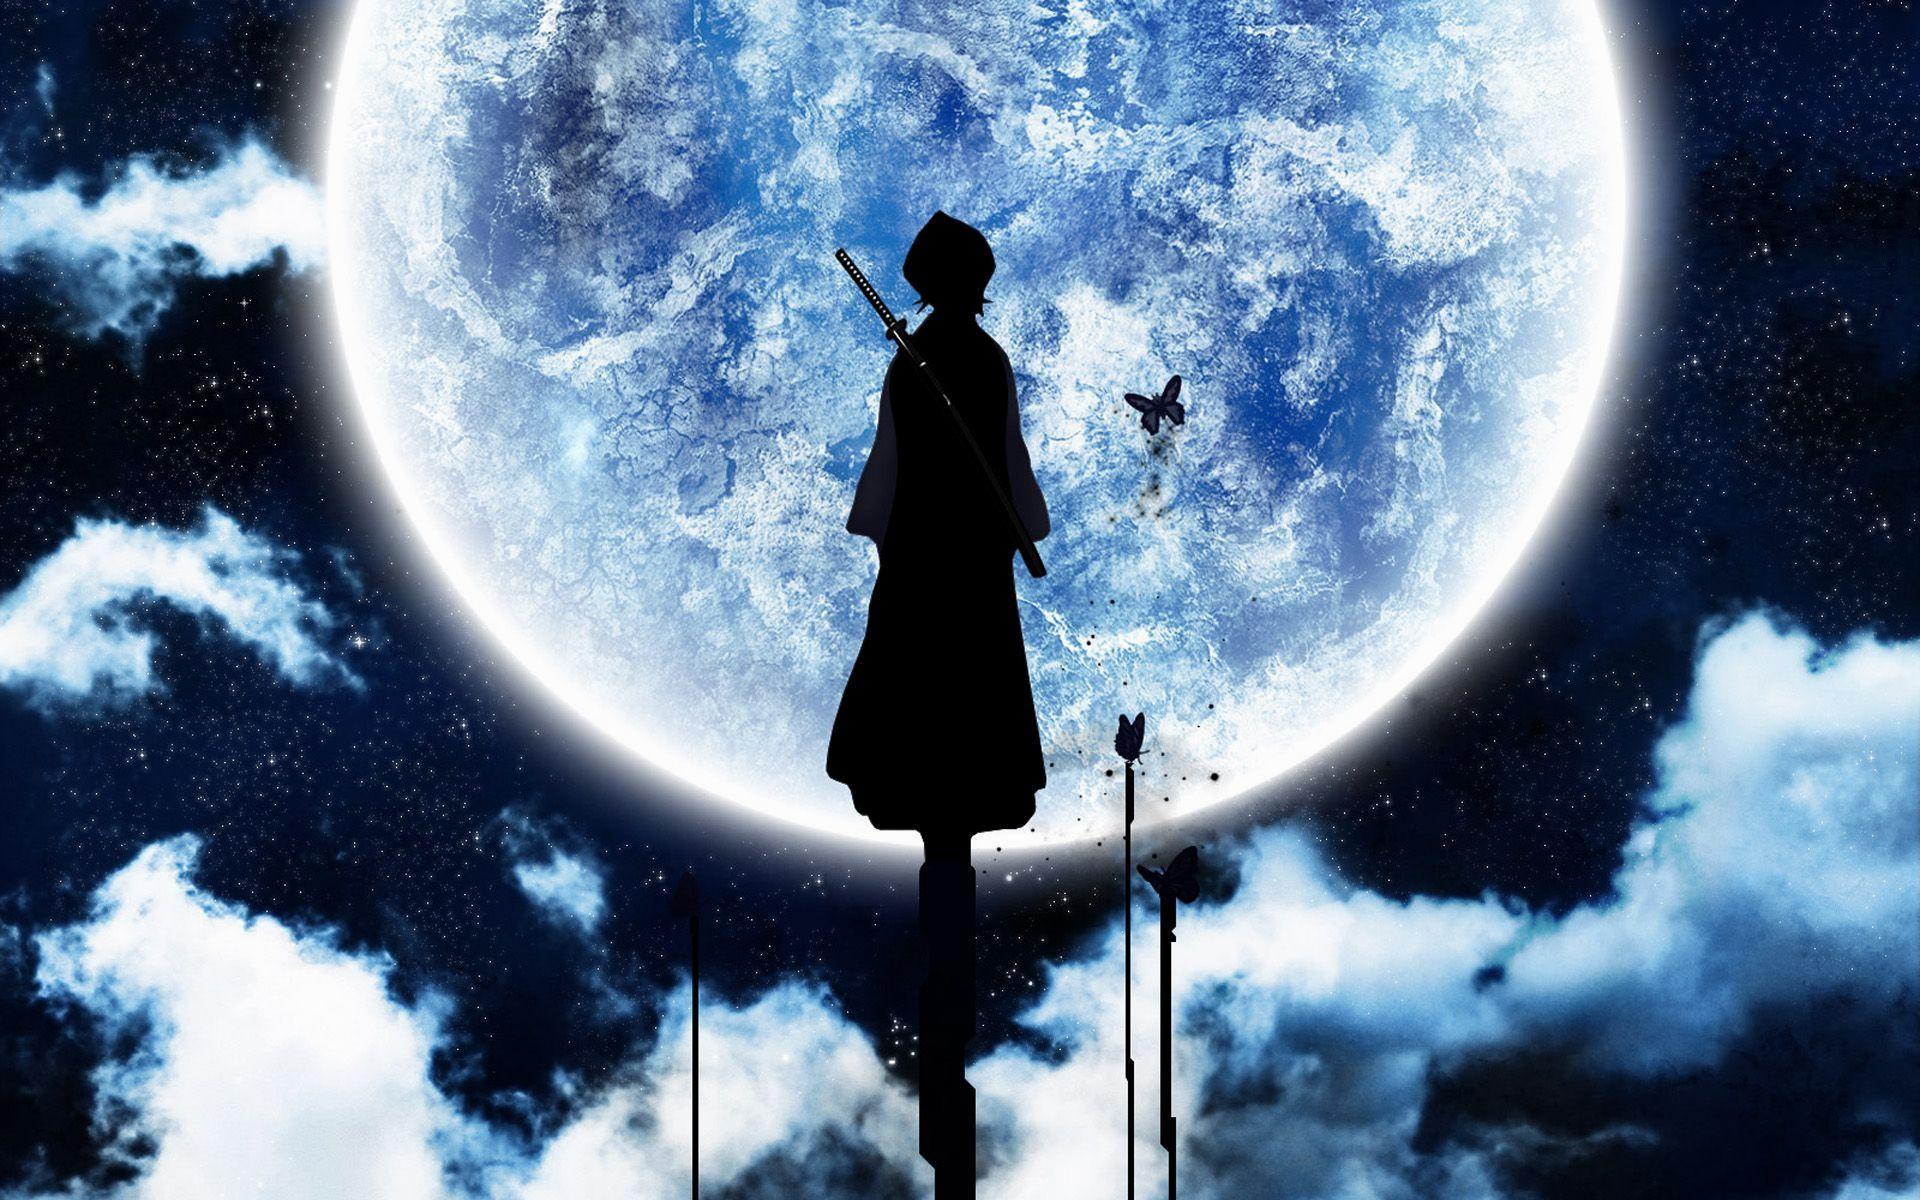 wallpaper.wiki-Free-wallpaper-hd-anime-PIC-WPC0012346